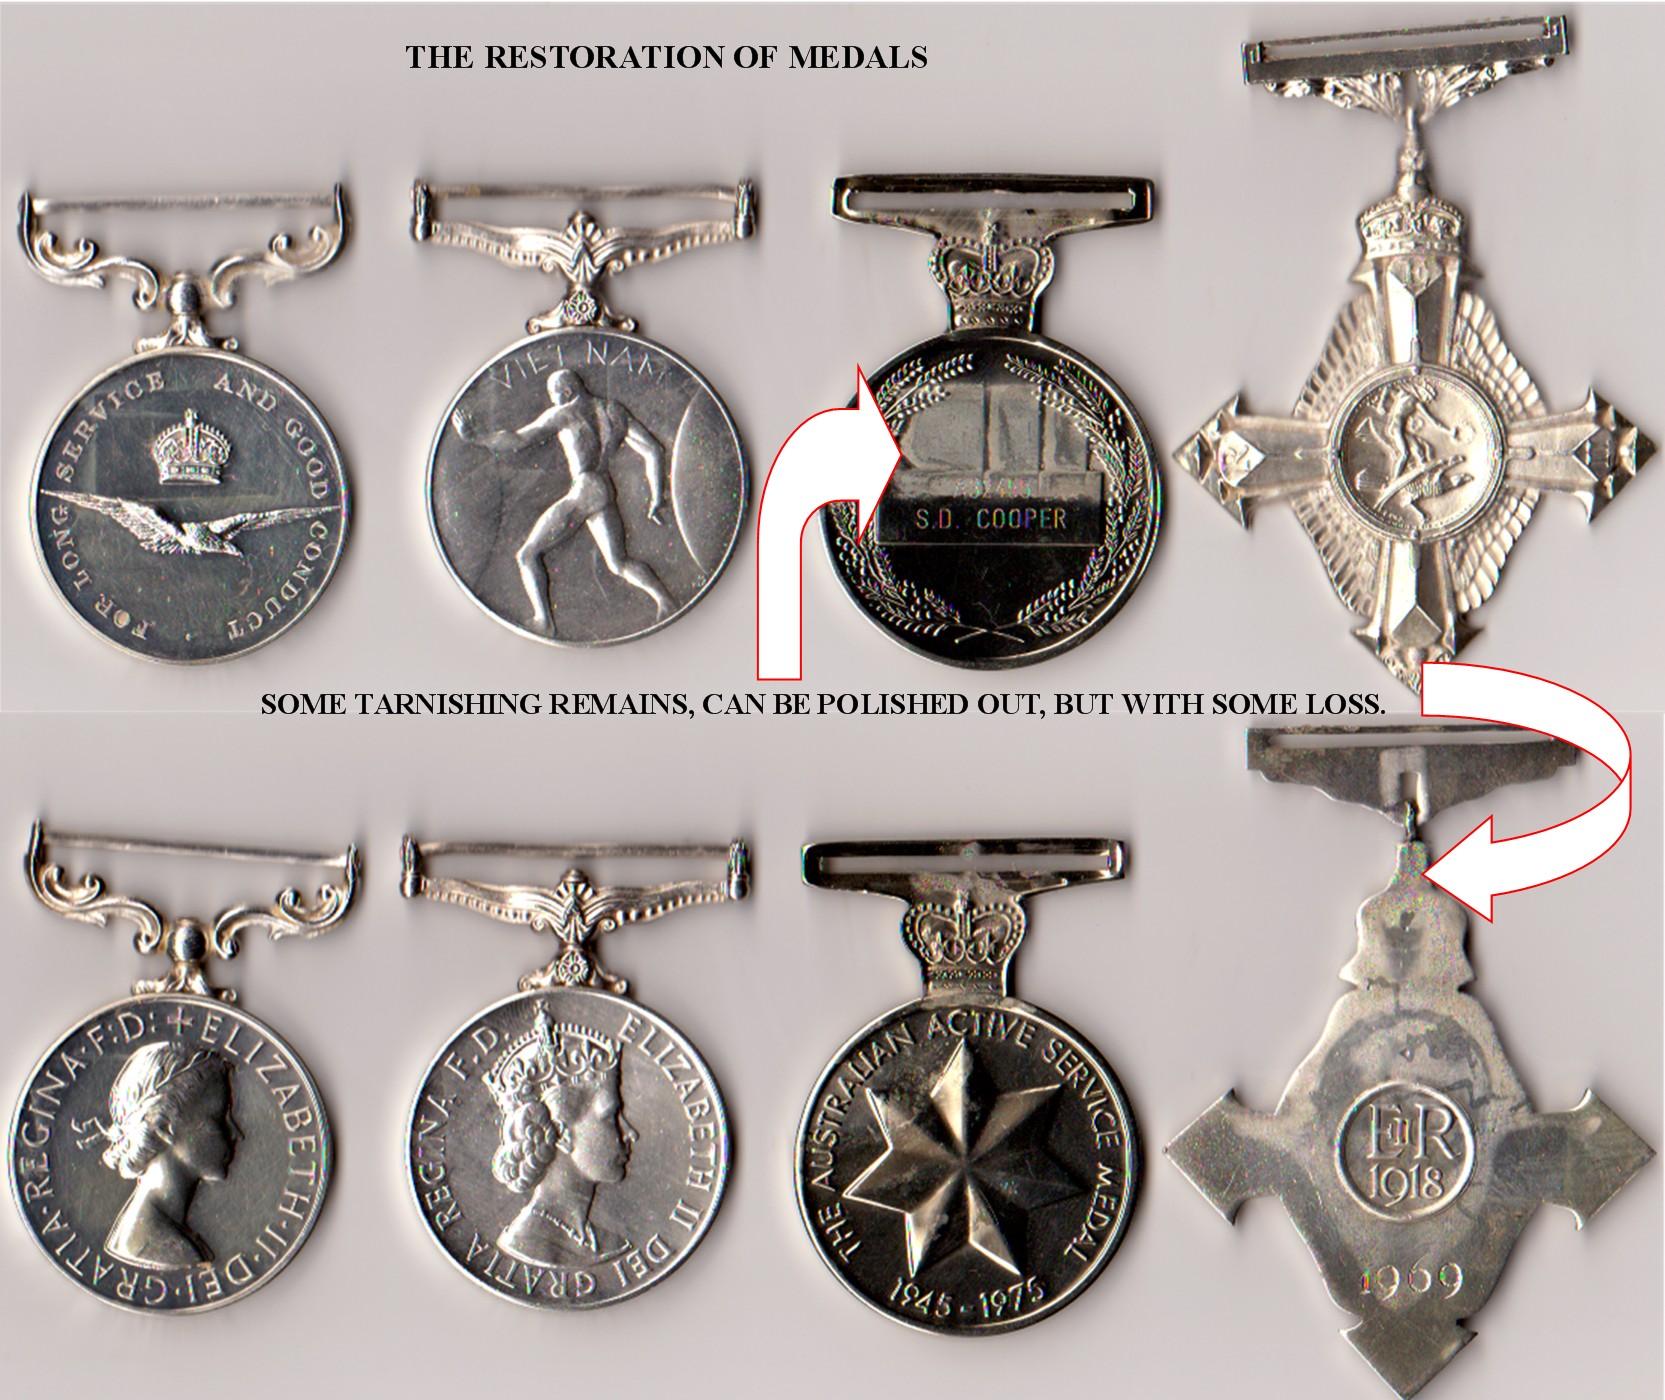 Medals after restoration